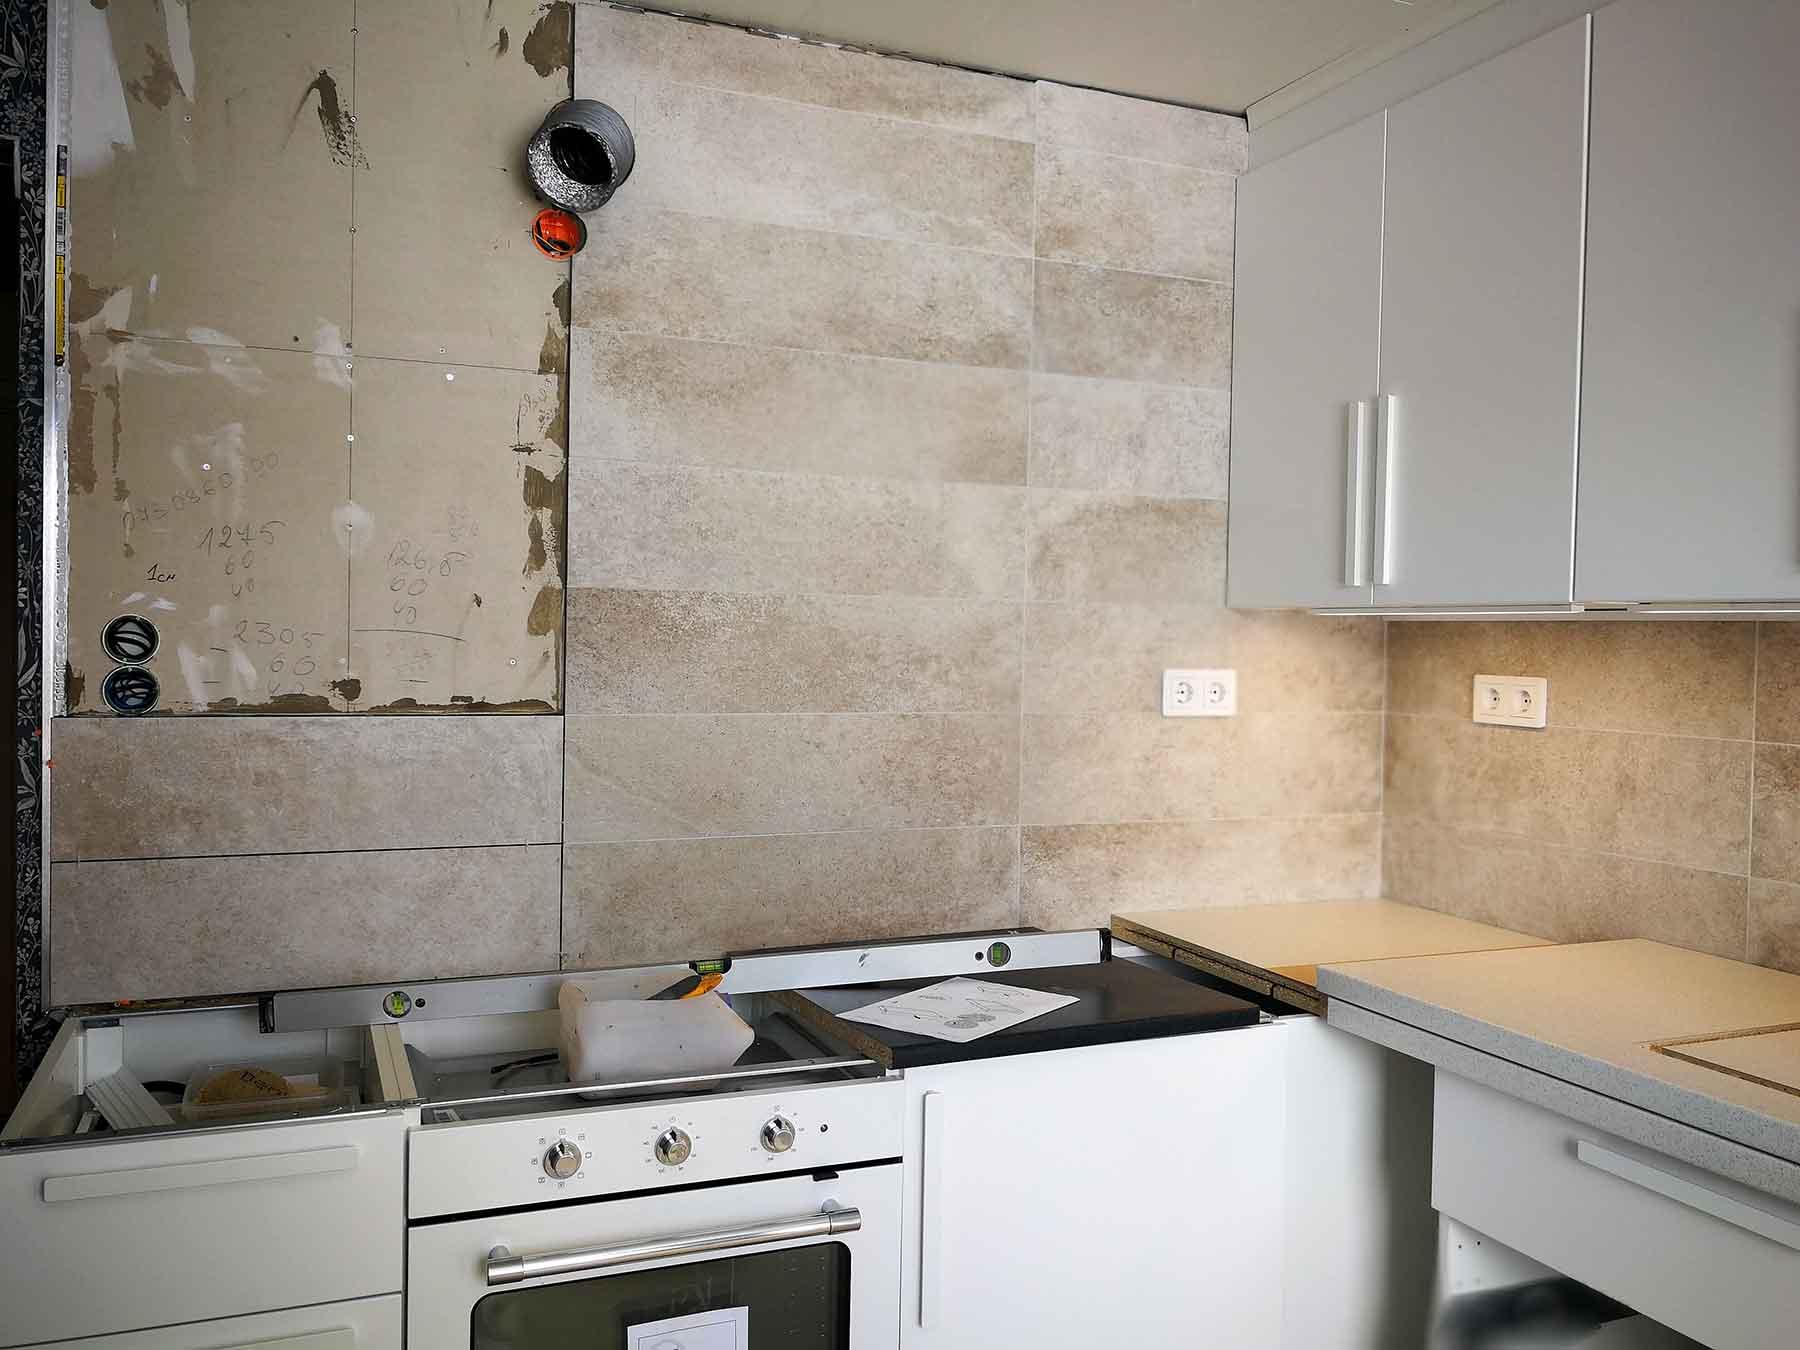 new-kitchen-room-project-42LV6U9.jpg